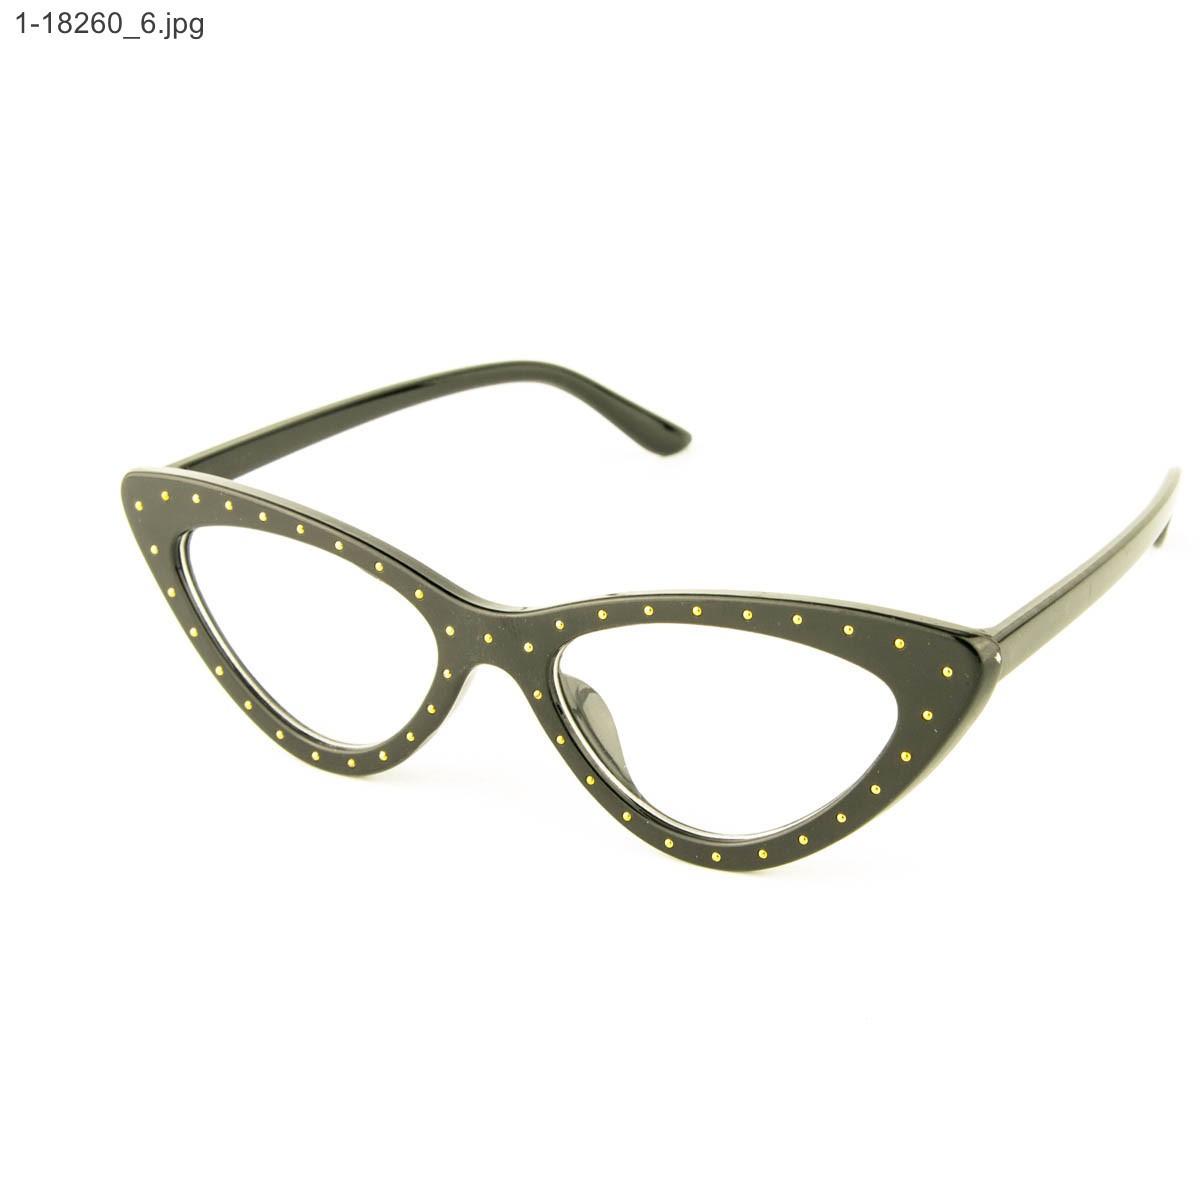 Оптом очки имиджевые кошачий глаз - Черные с шипами - 1-18260